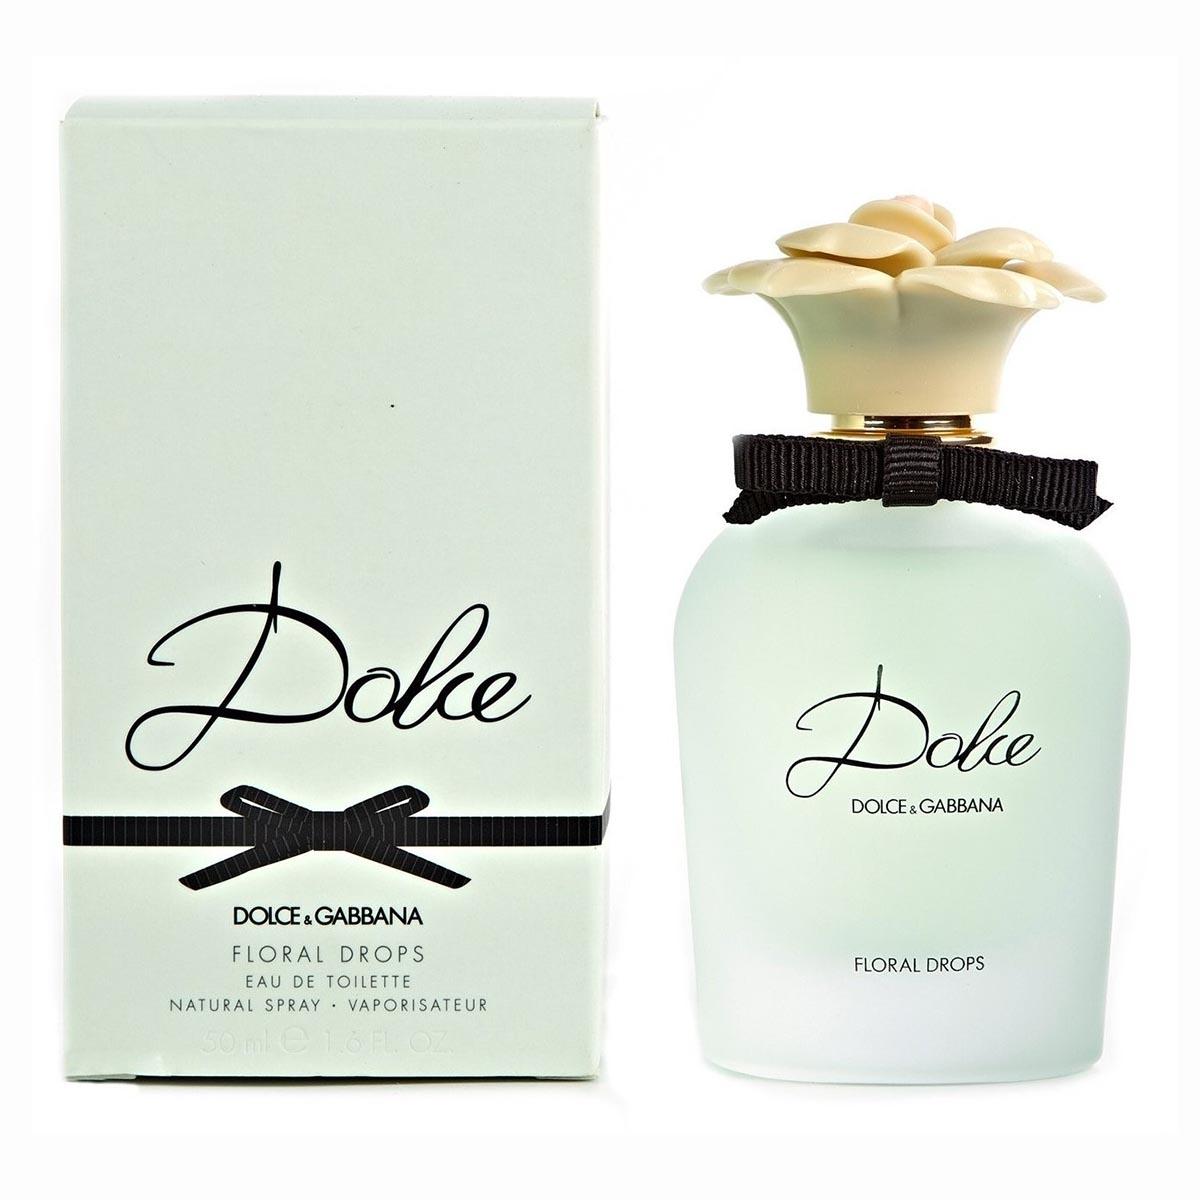 Dolce gabbana dolce floral drops eau de toilette 75ml vaporizador